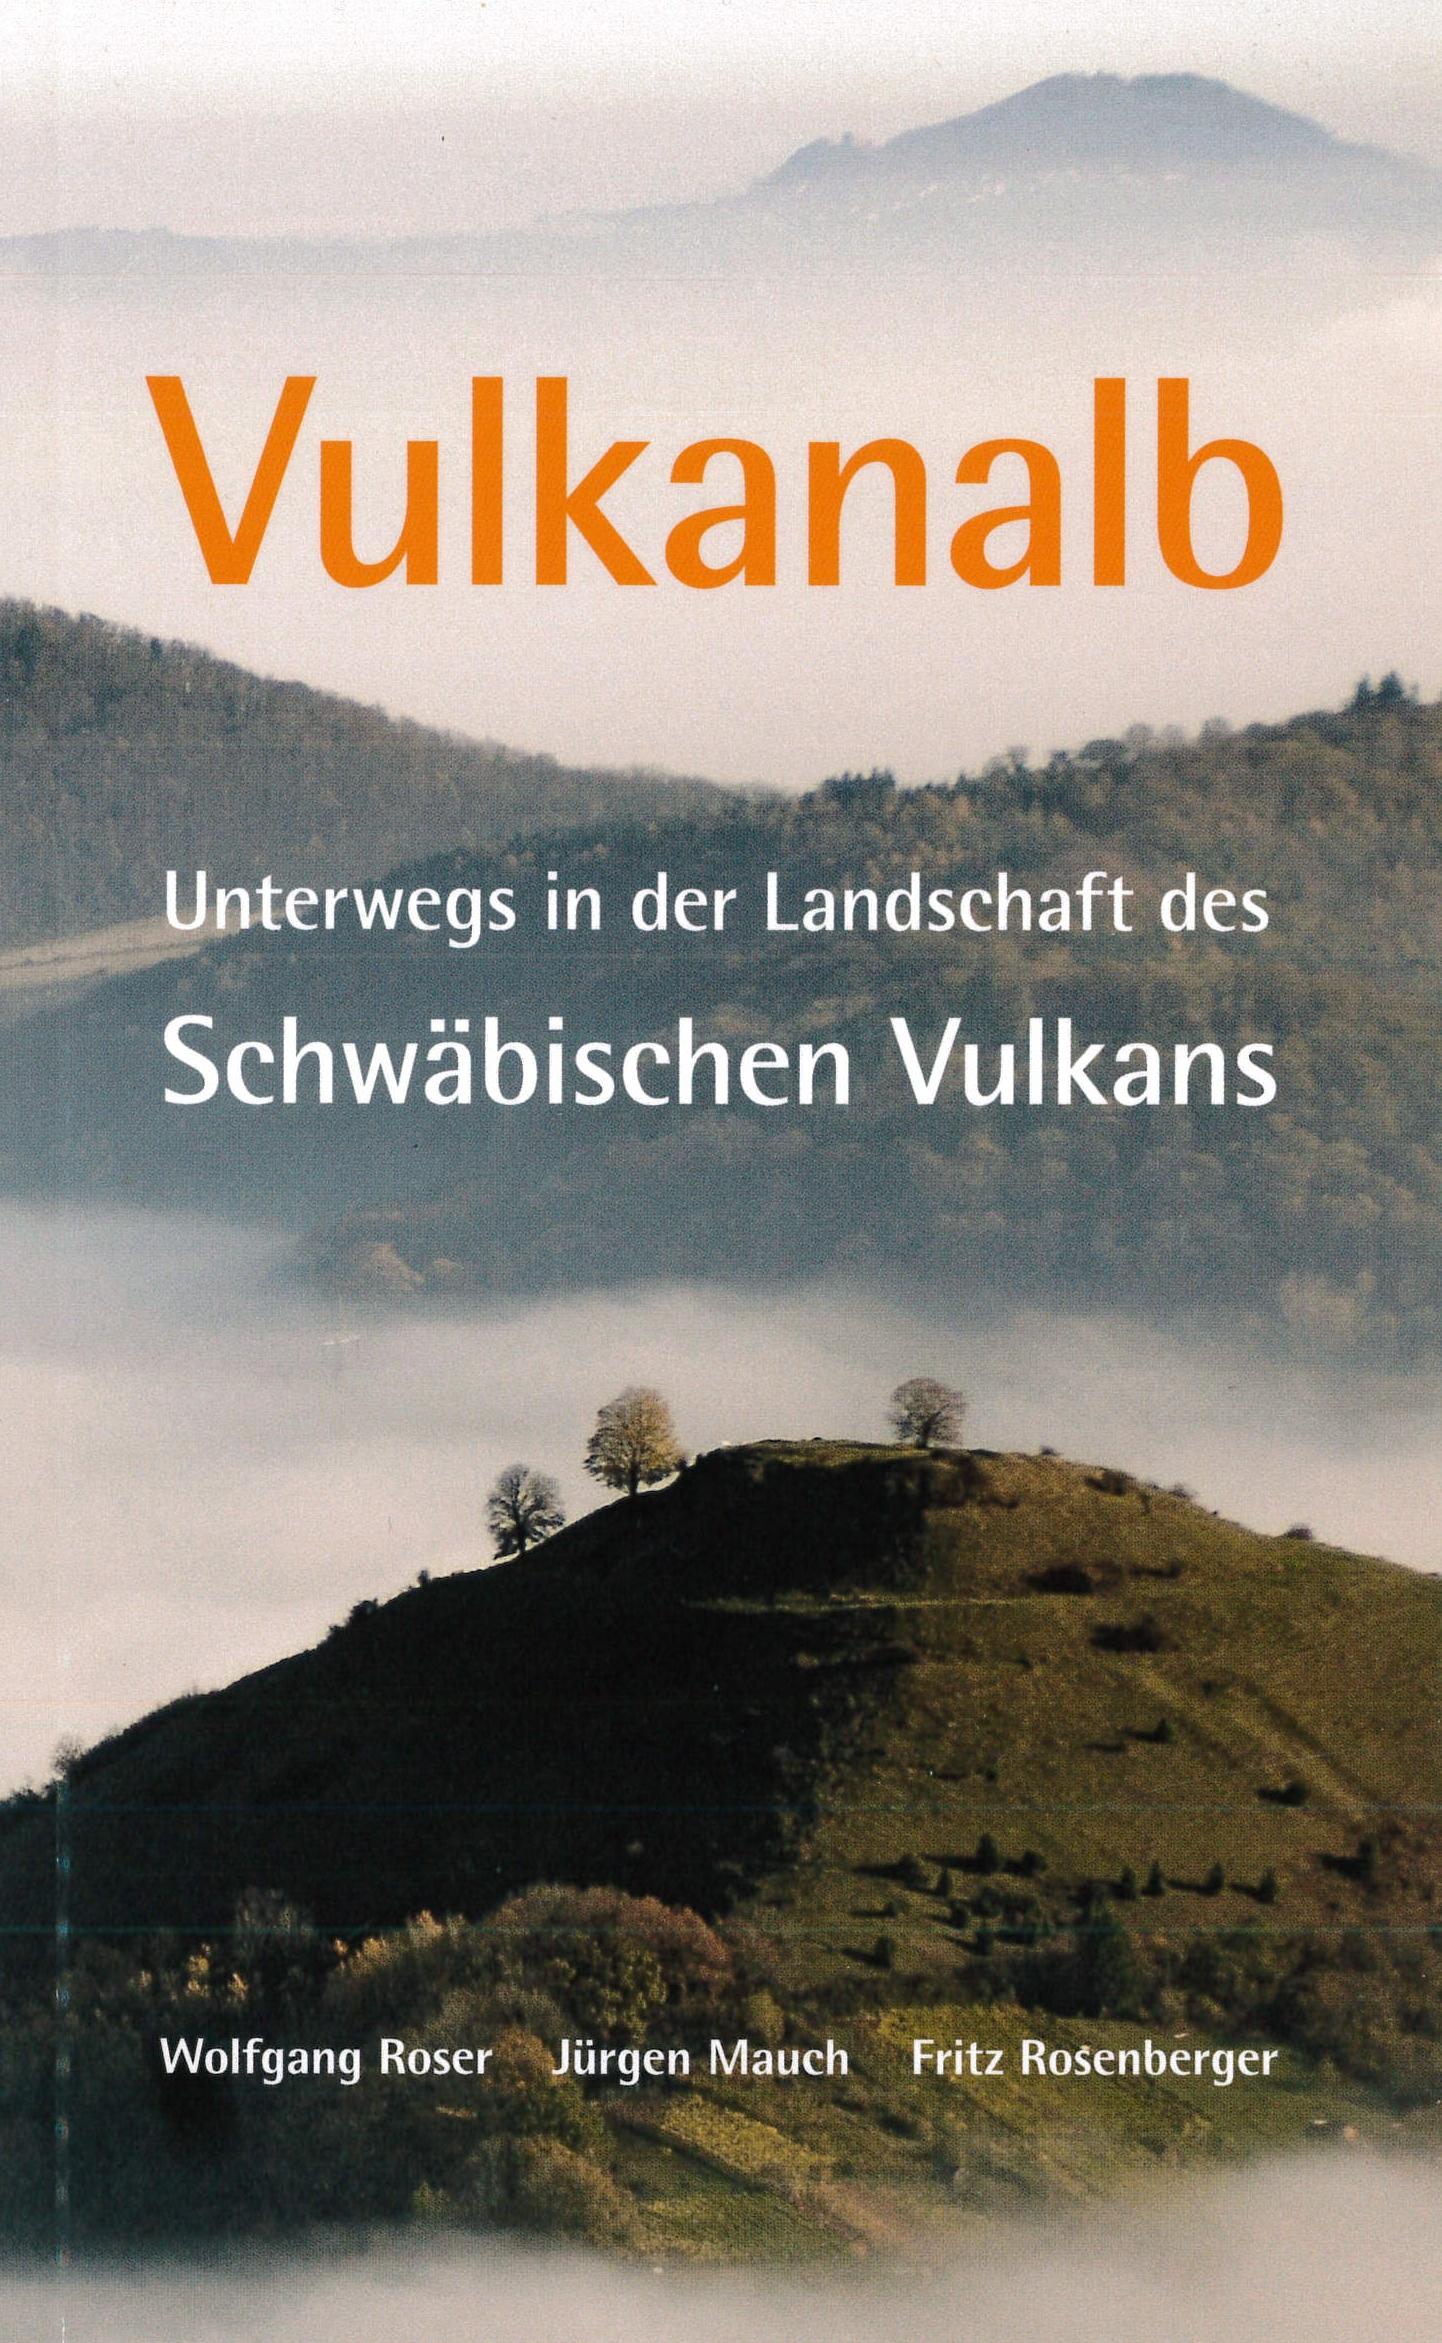 Vulkanalb